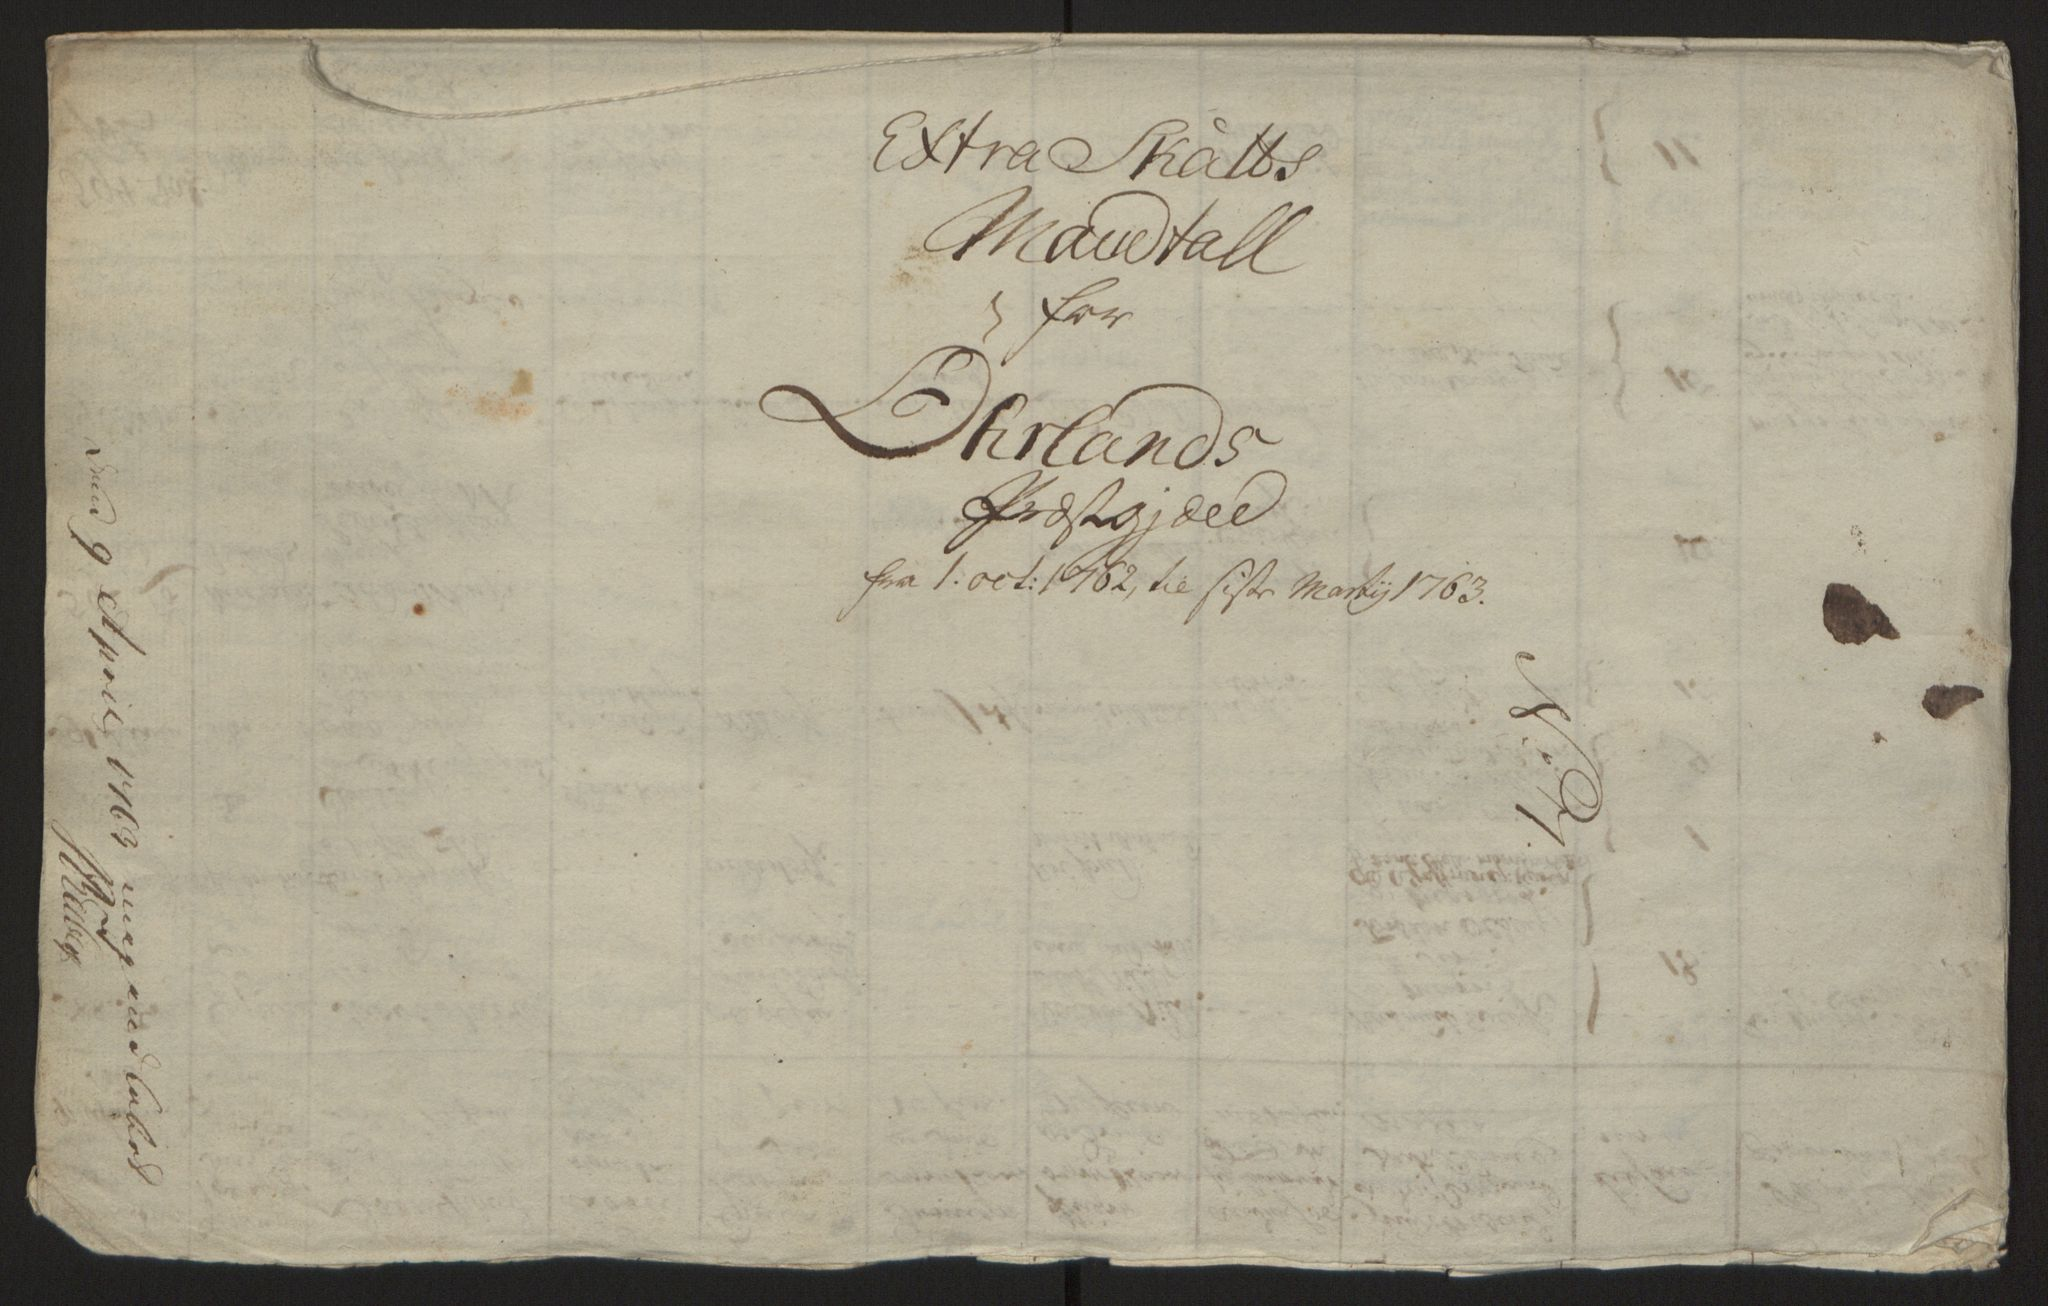 RA, Rentekammeret inntil 1814, Reviderte regnskaper, Fogderegnskap, R57/L3930: Ekstraskatten Fosen, 1762-1763, s. 217